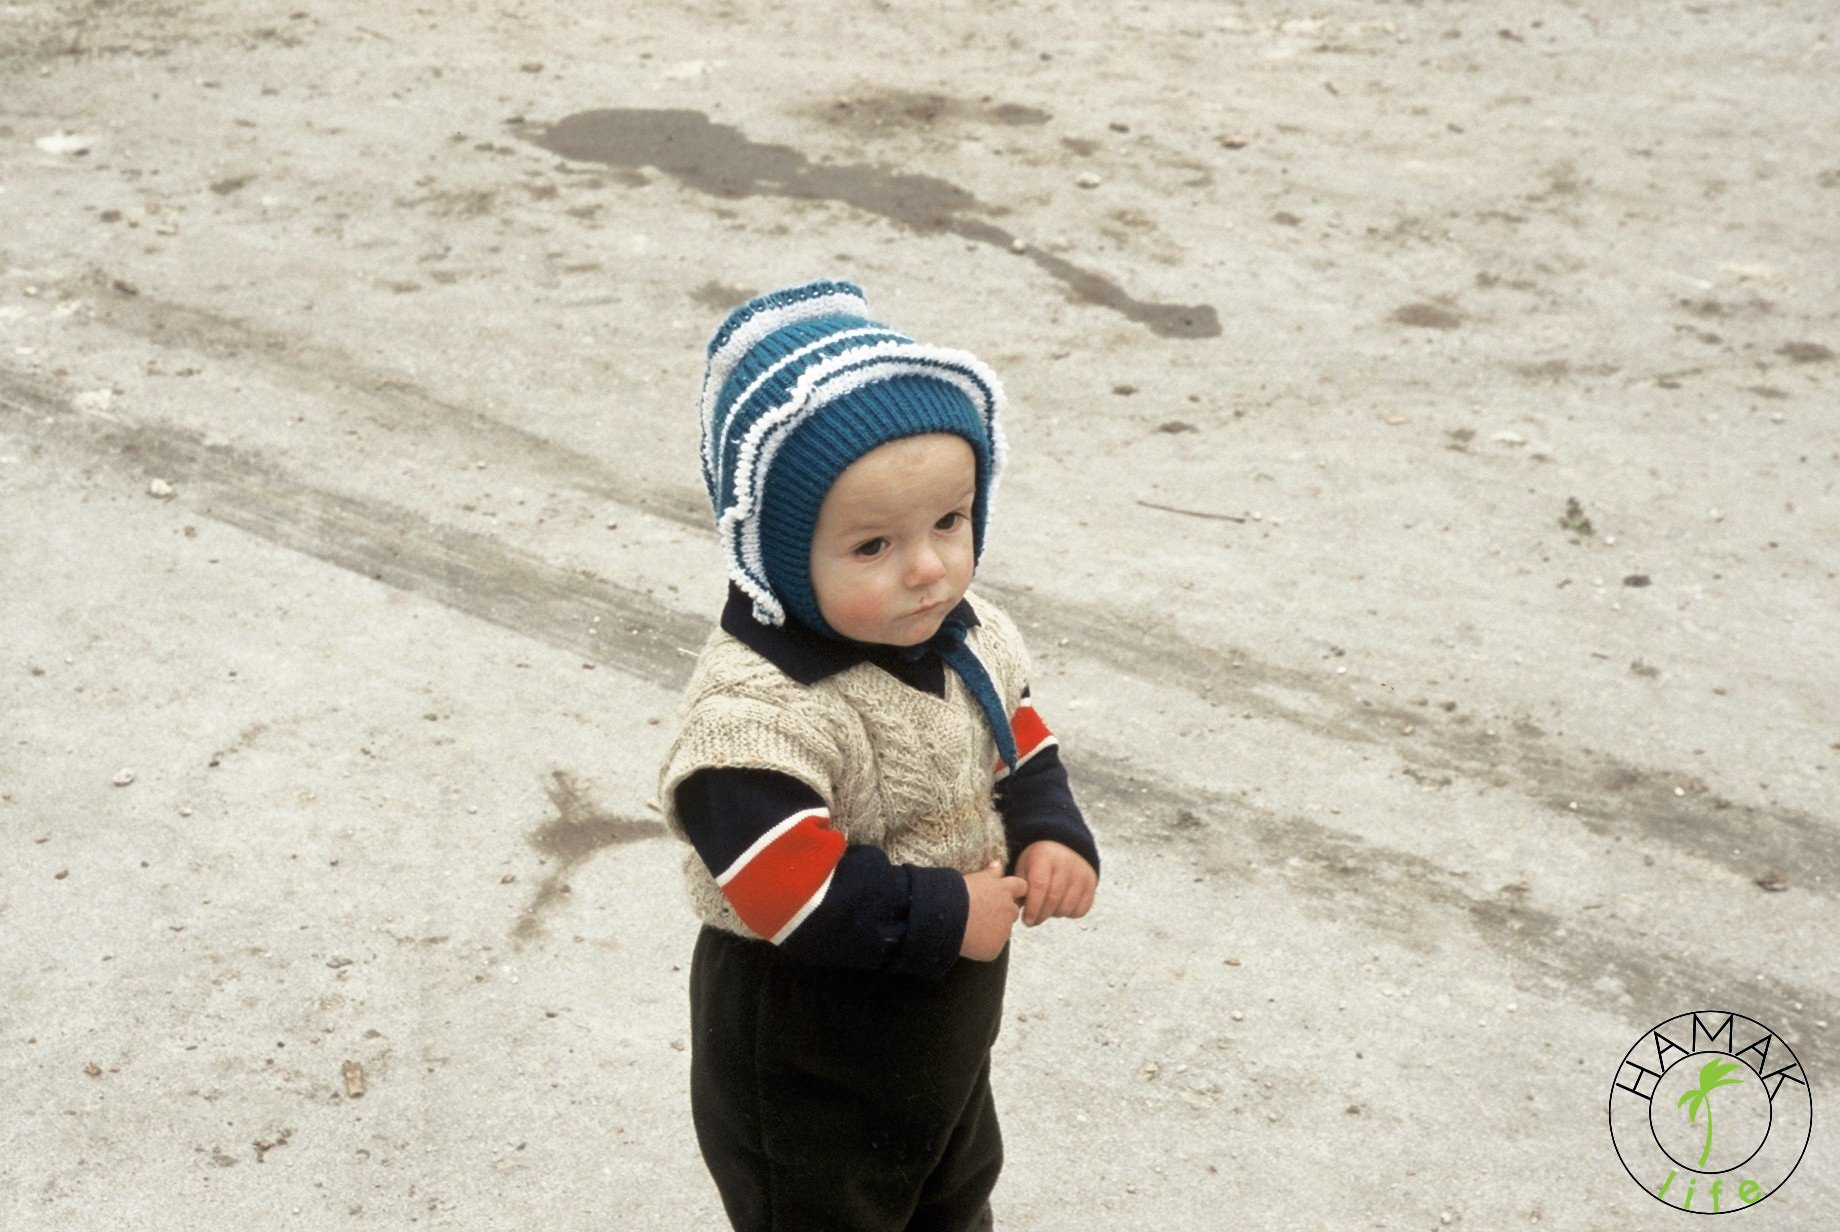 Reportaż z wioski w Mołdawii. Dziecko.